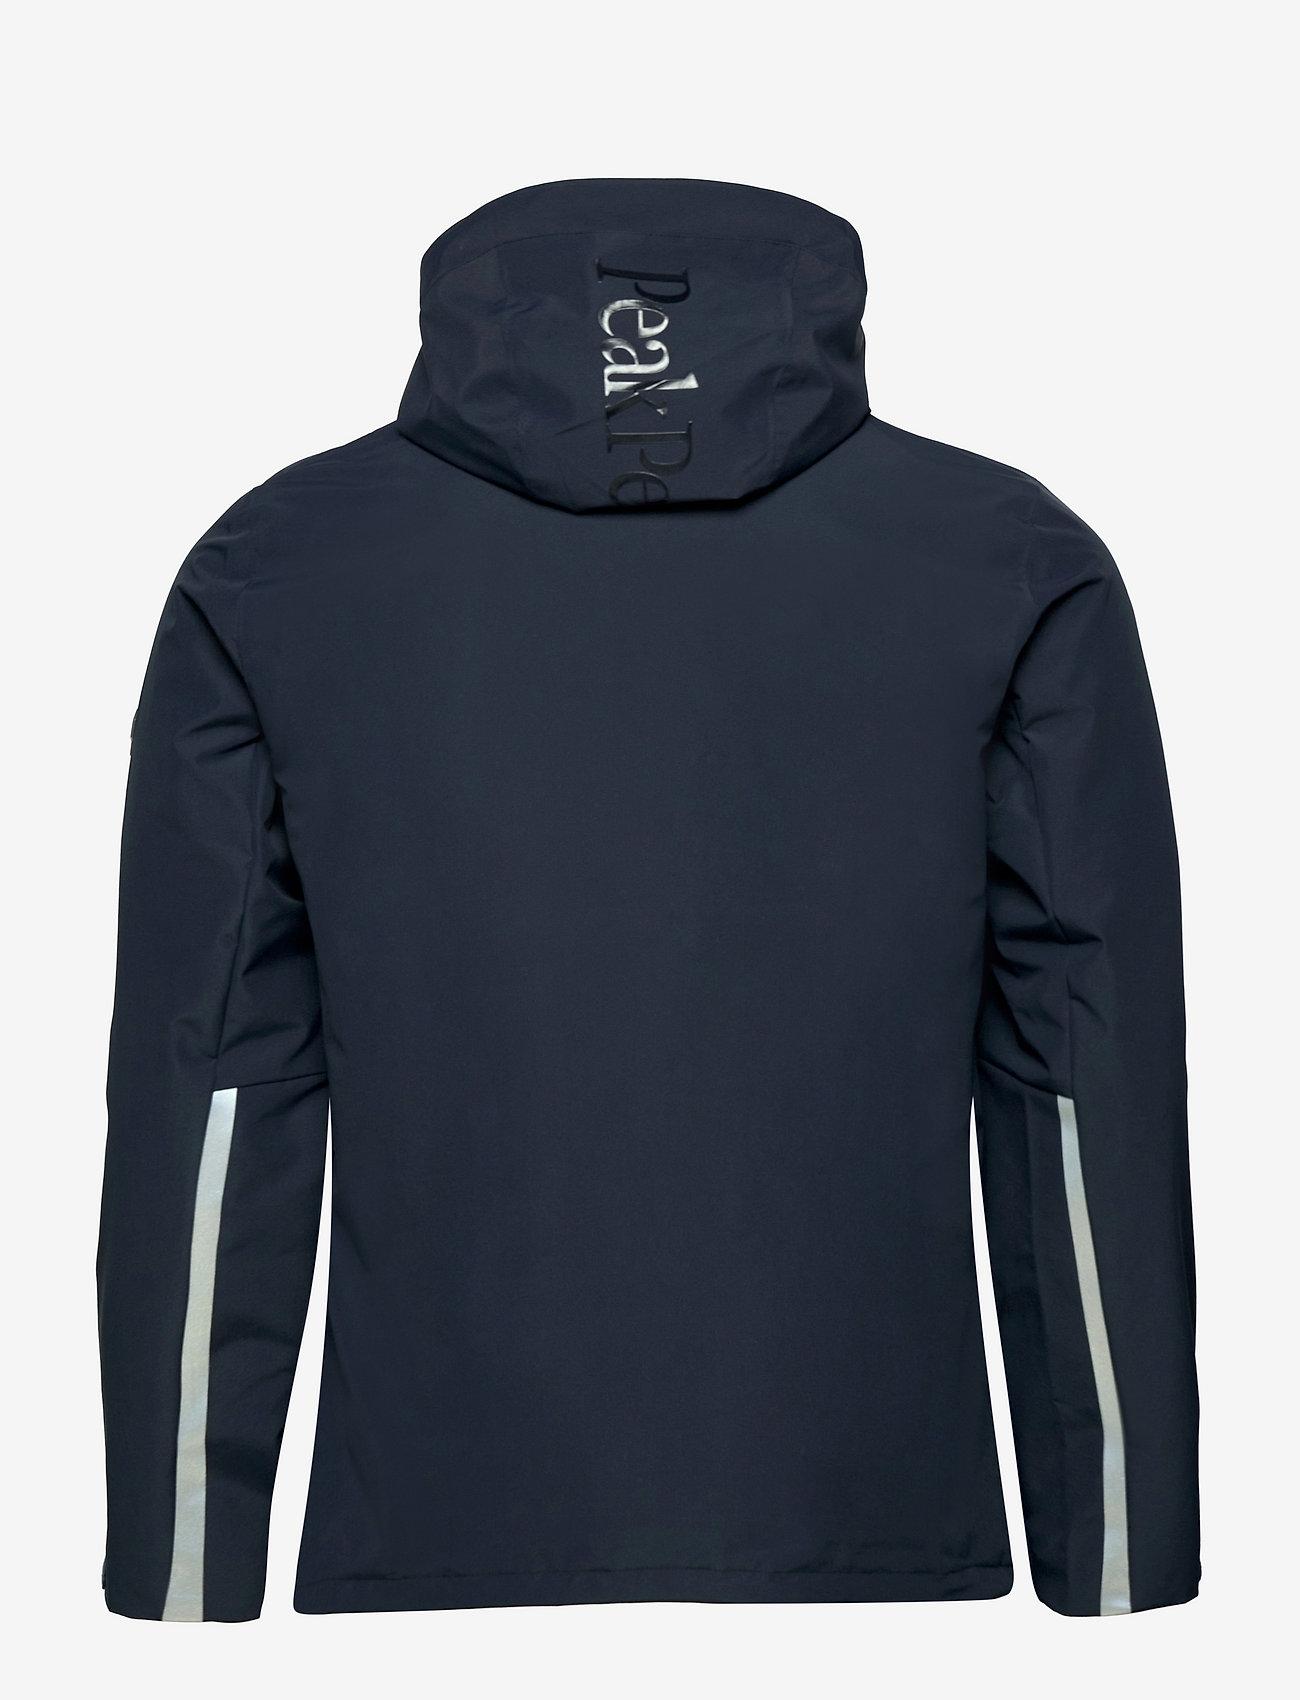 Peak Performance - W Coastal Jacket - ulkoilu- & sadetakit - blue shadow - 1